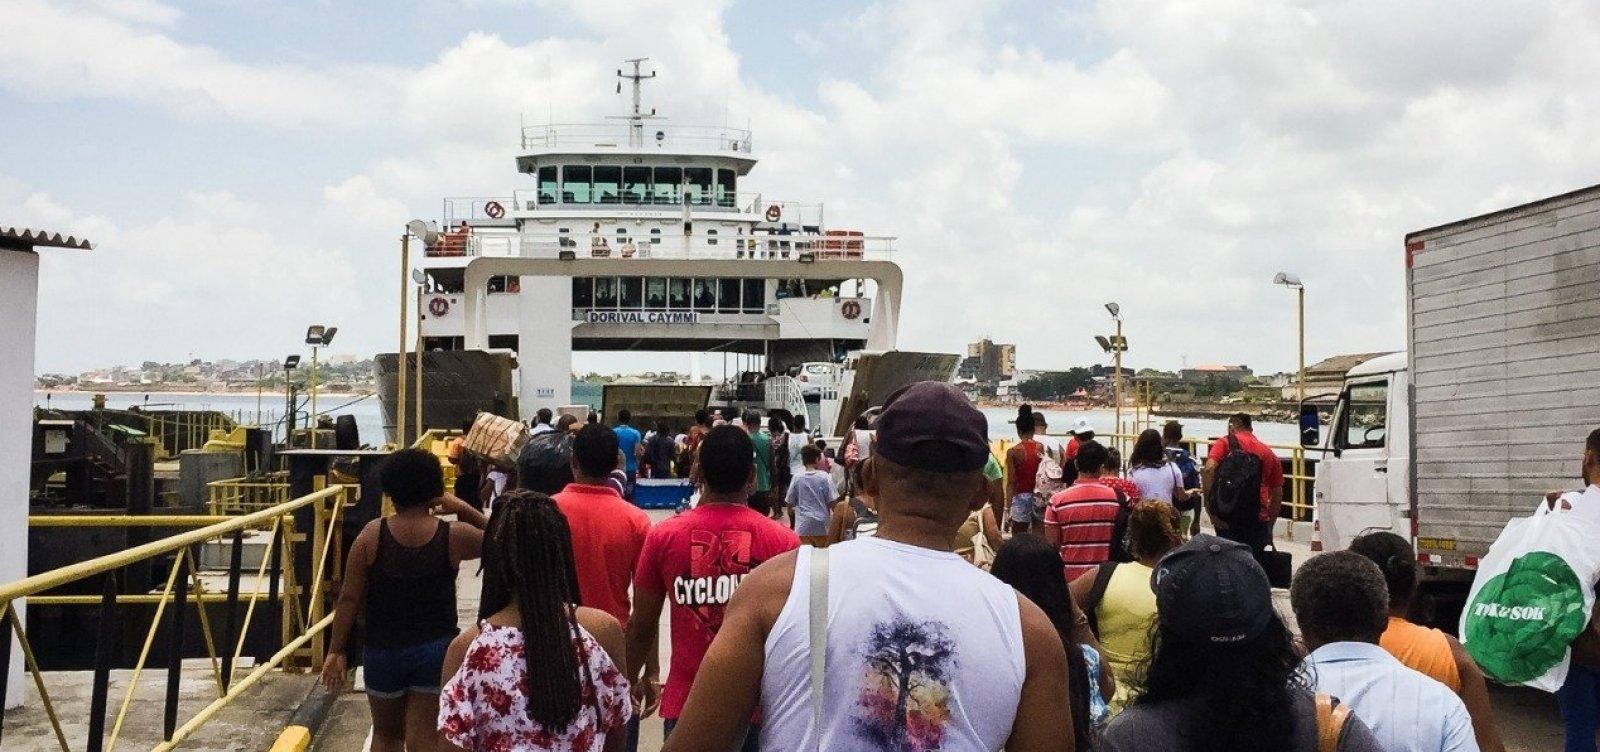 Fila para embarque no ferry boat tem espera de 2h30